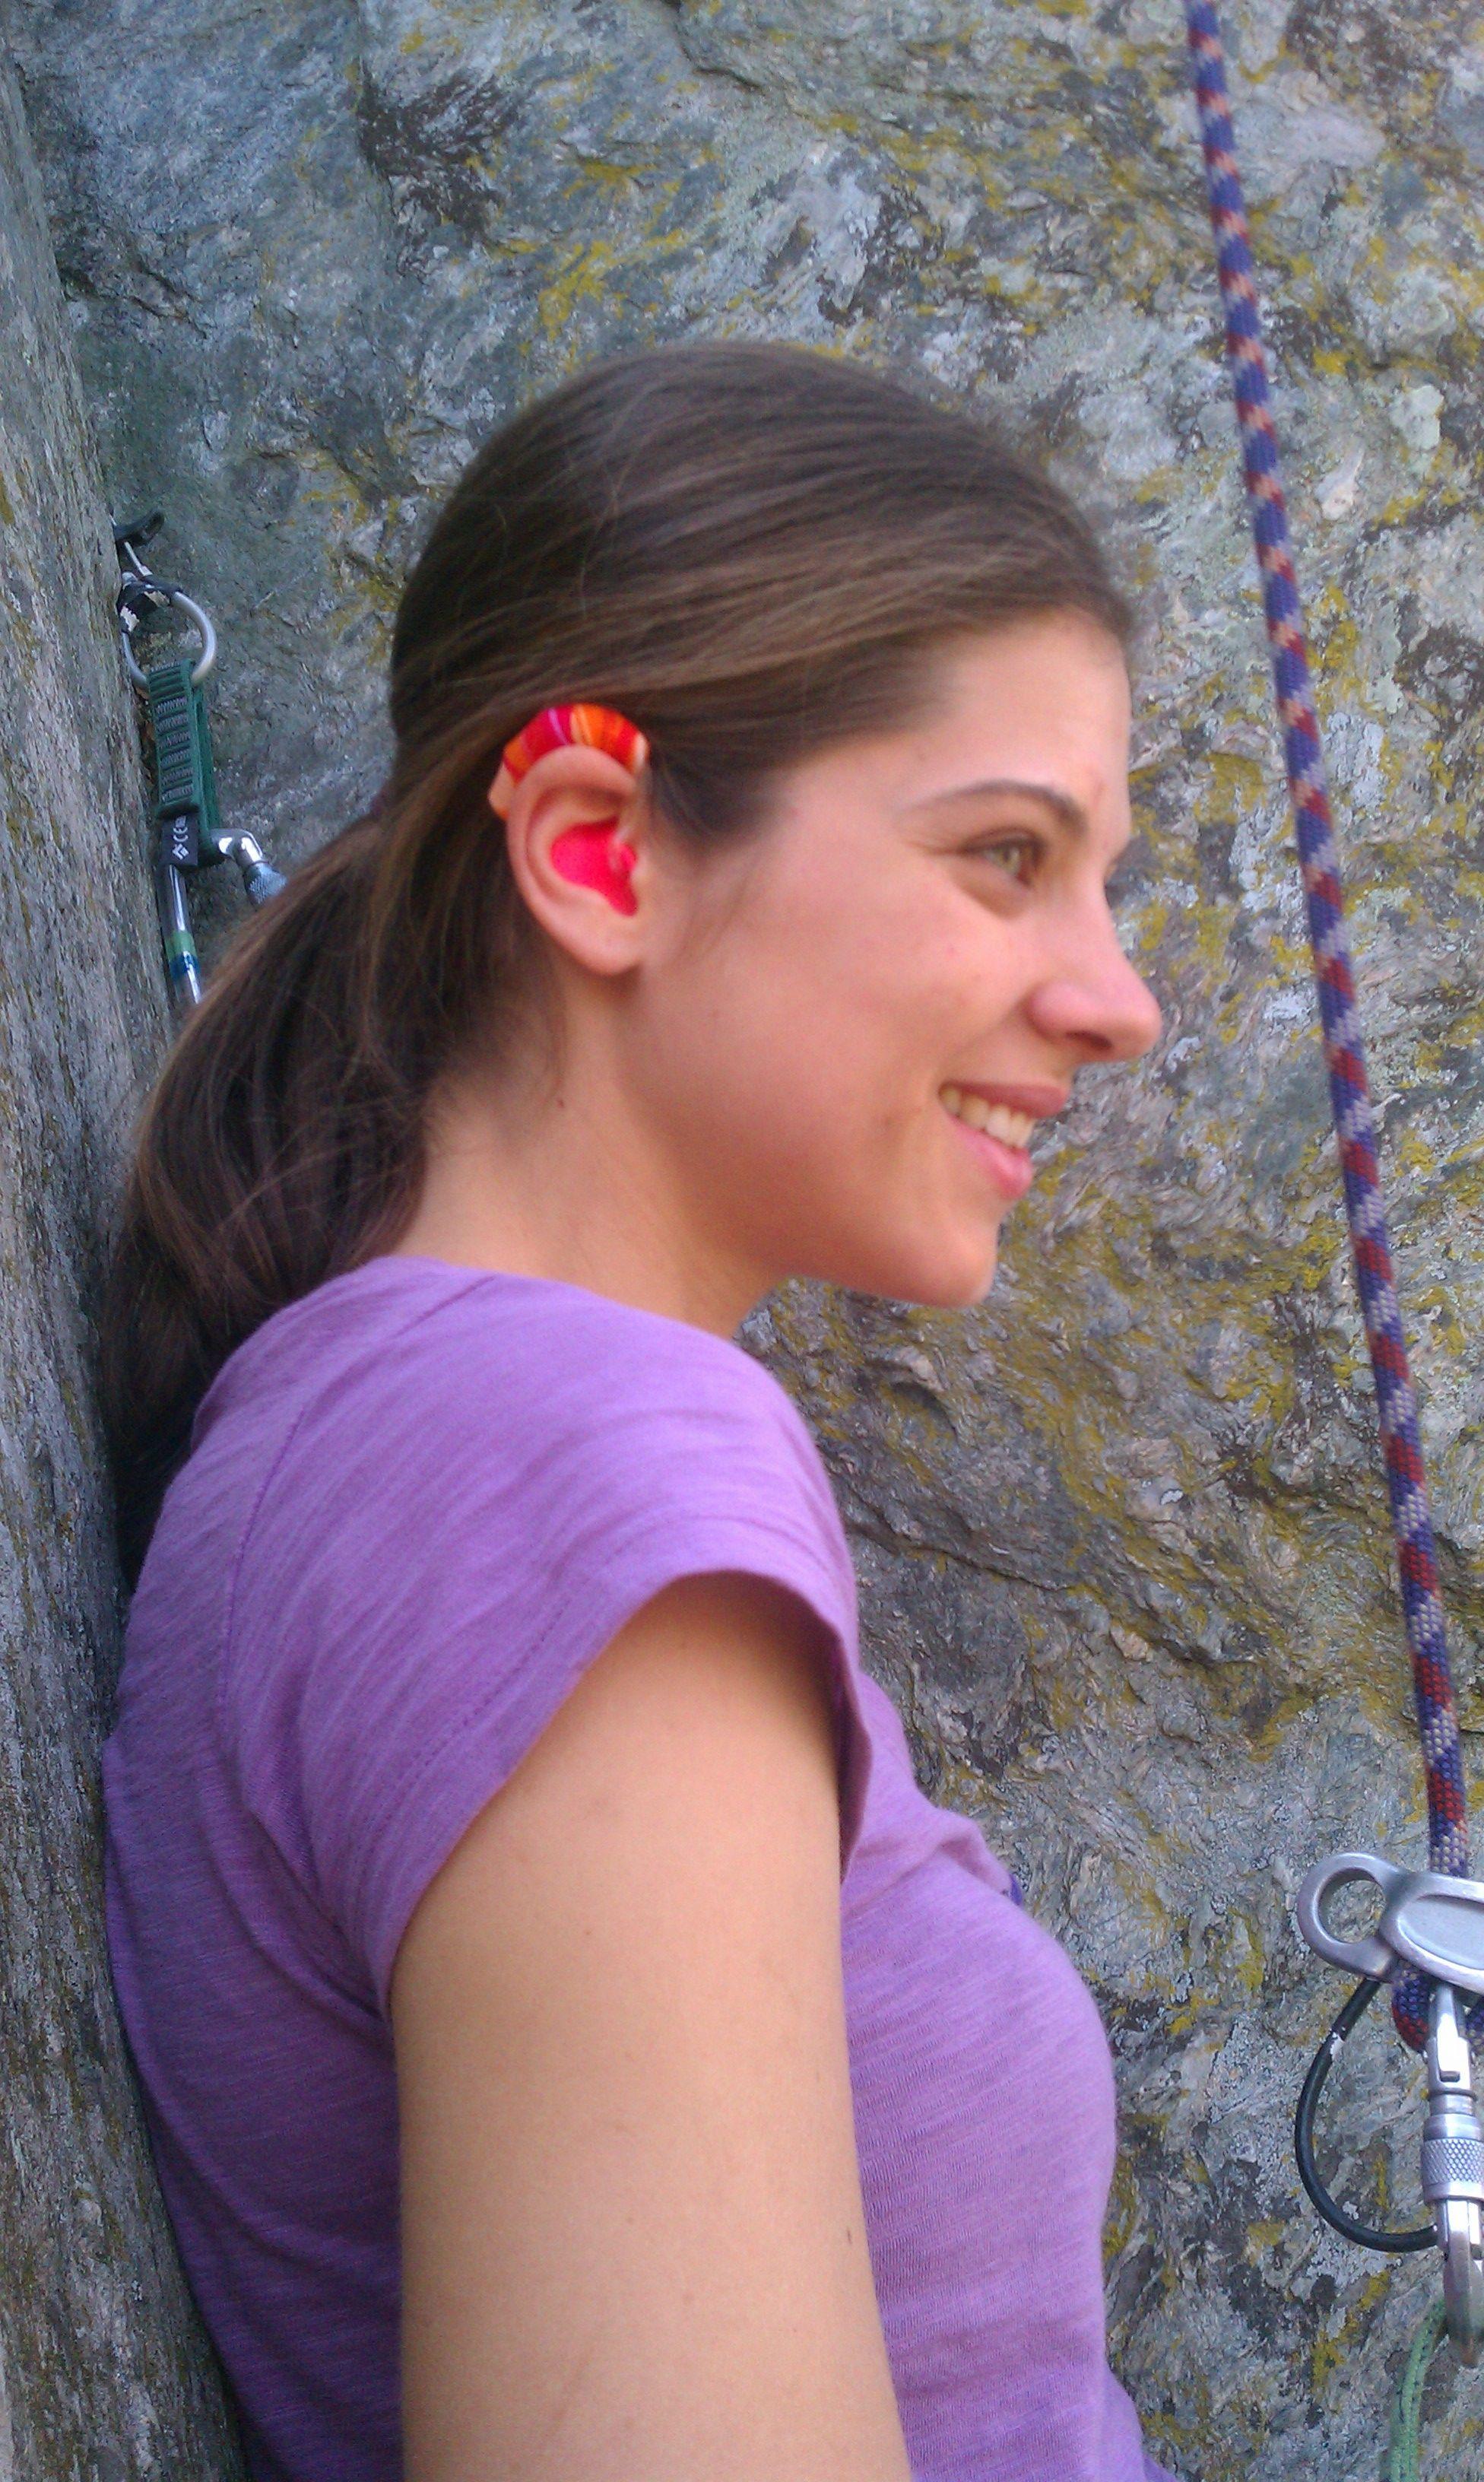 ear gear hearing loss deaf deafness hearing aid ear gear hearing loss deaf deafness hearing aid